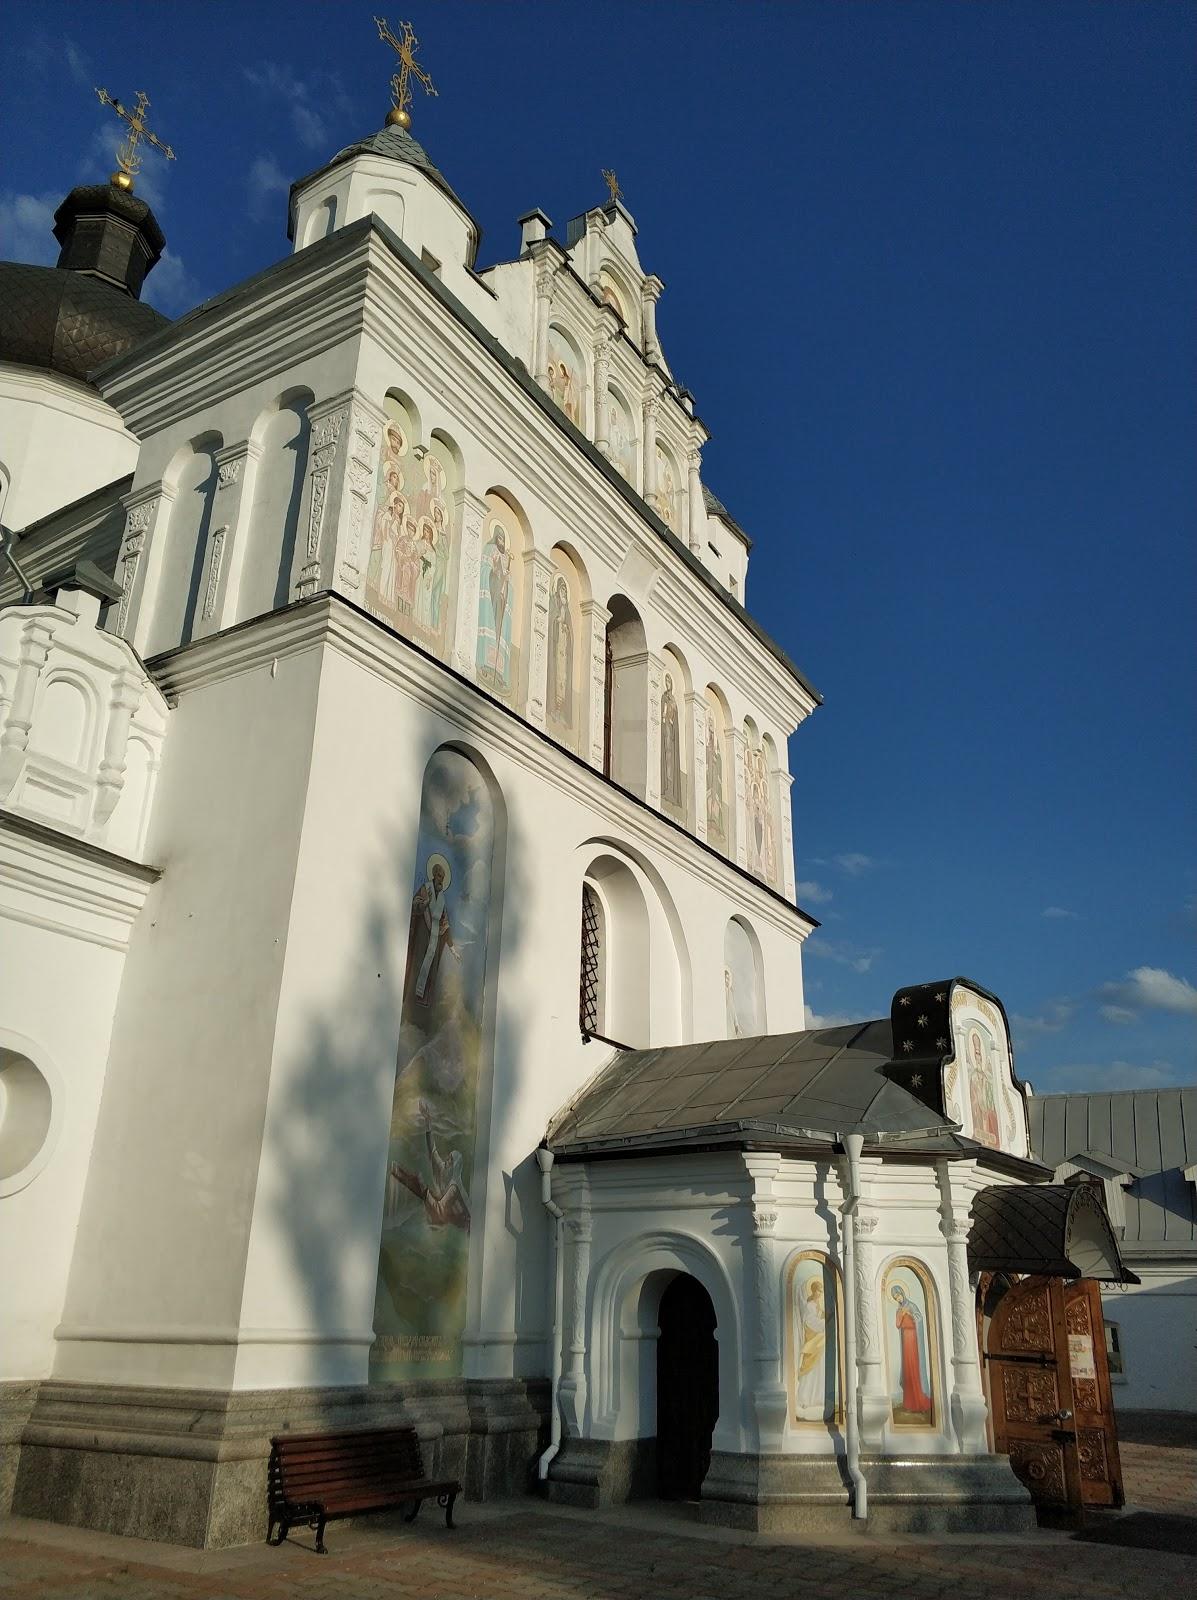 Свято-Никольский монастырь Глада Валакаса